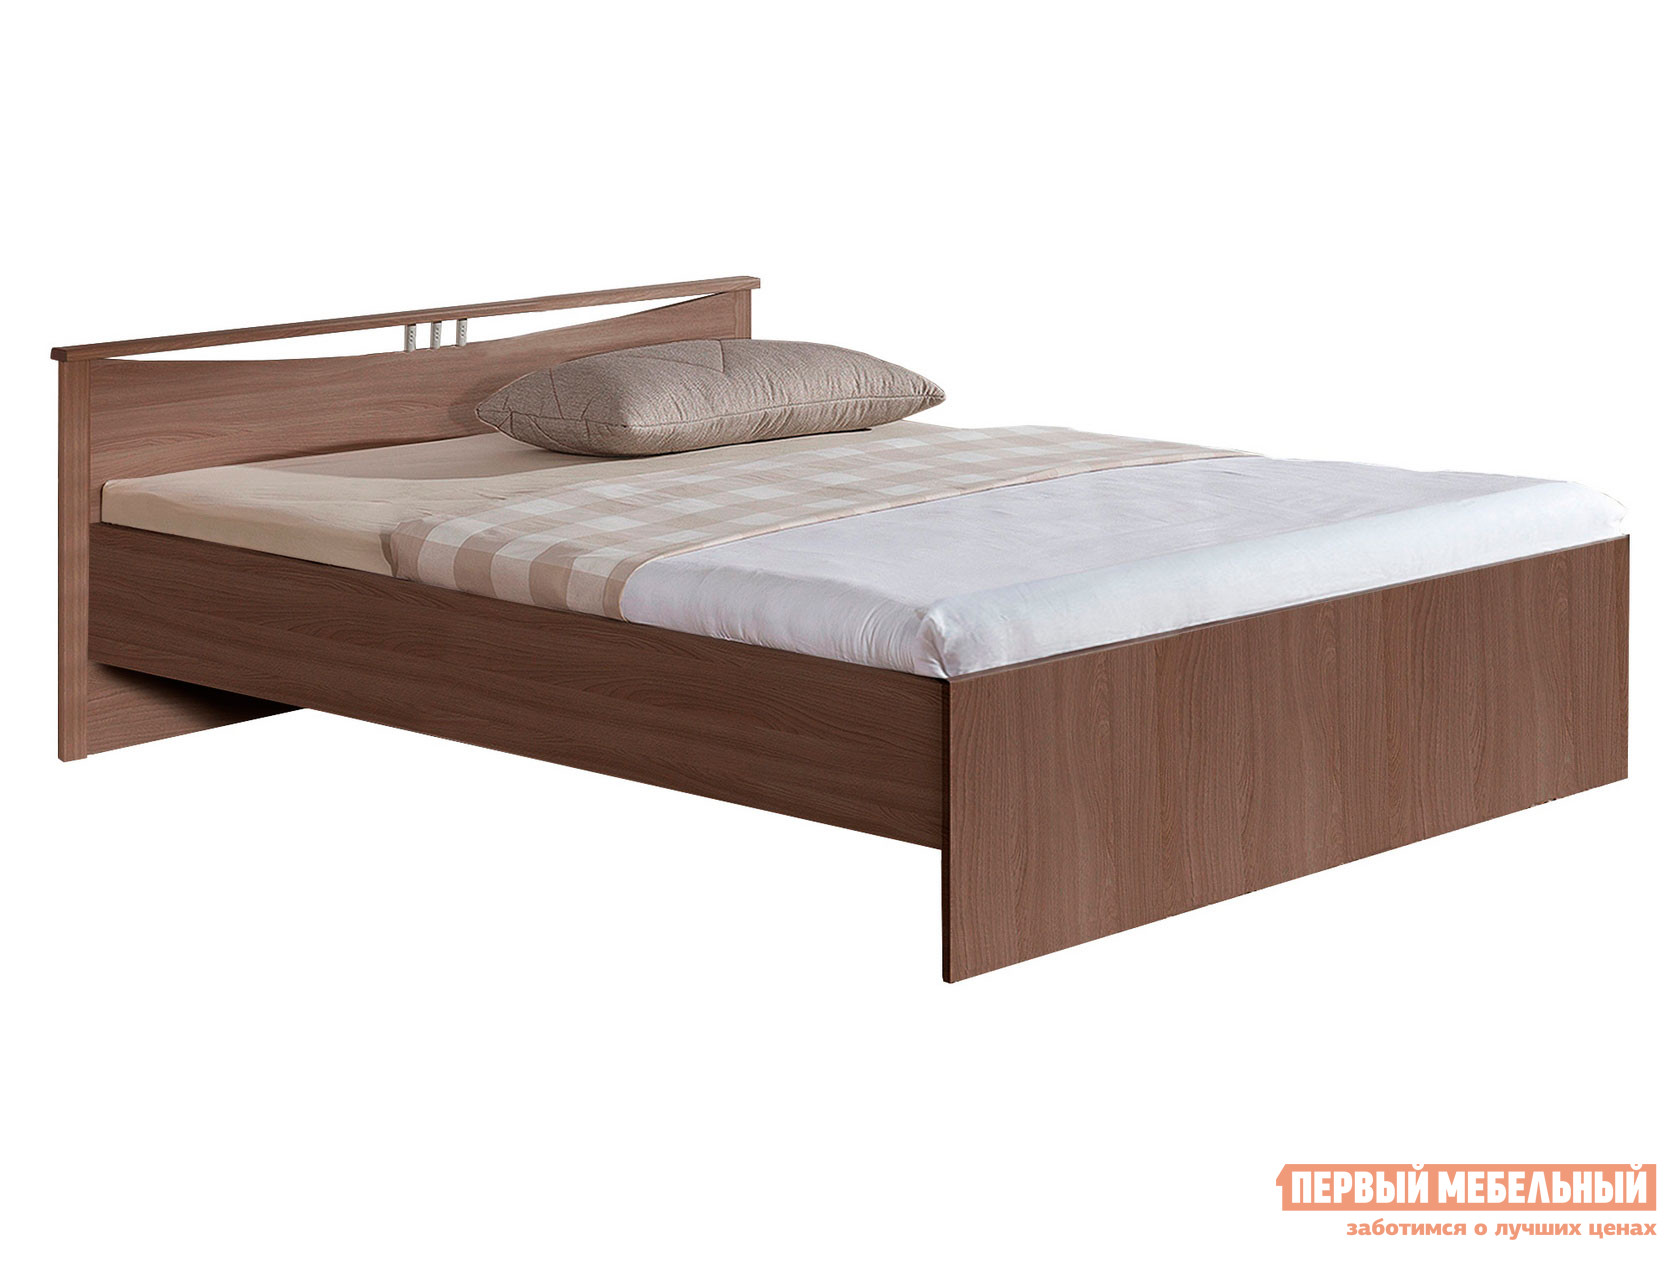 Односпальная кровать Боровичи Кровать Мелисса детская кровать боровичи мелисса с выдвижными ящиками